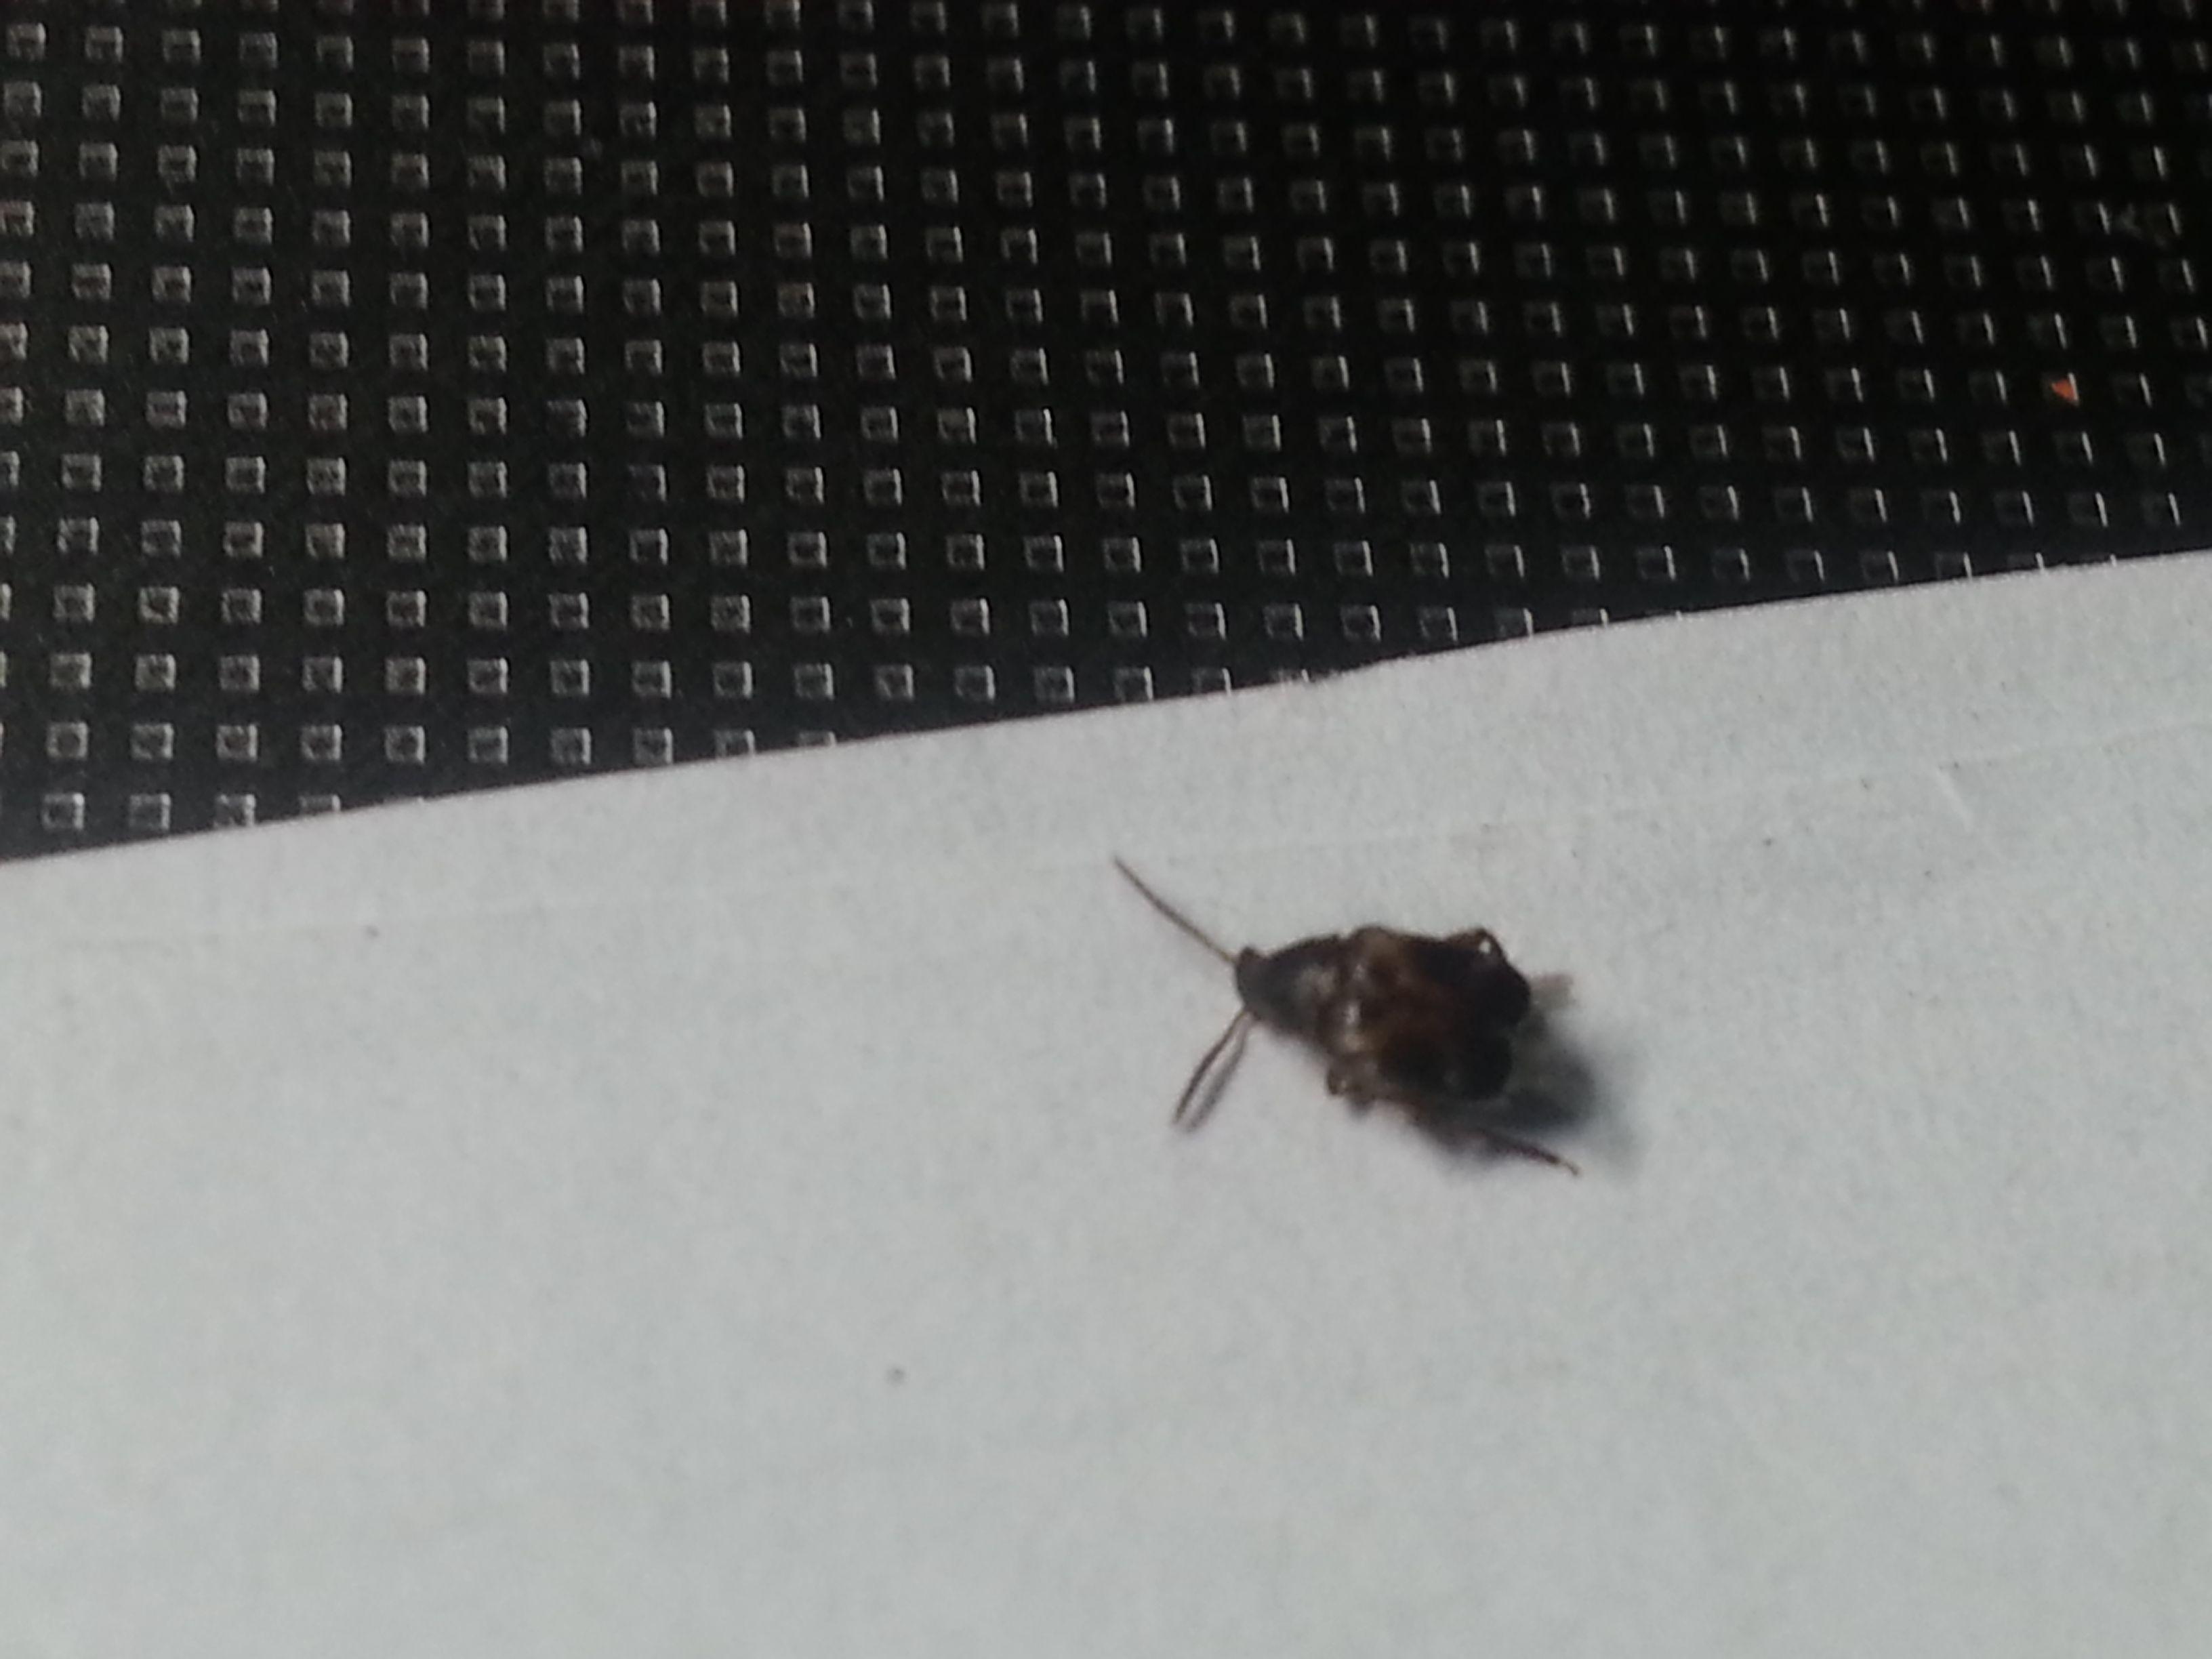 有图求真相>家中出现硬壳 会飞 像芝麻的小黑虫,是啥